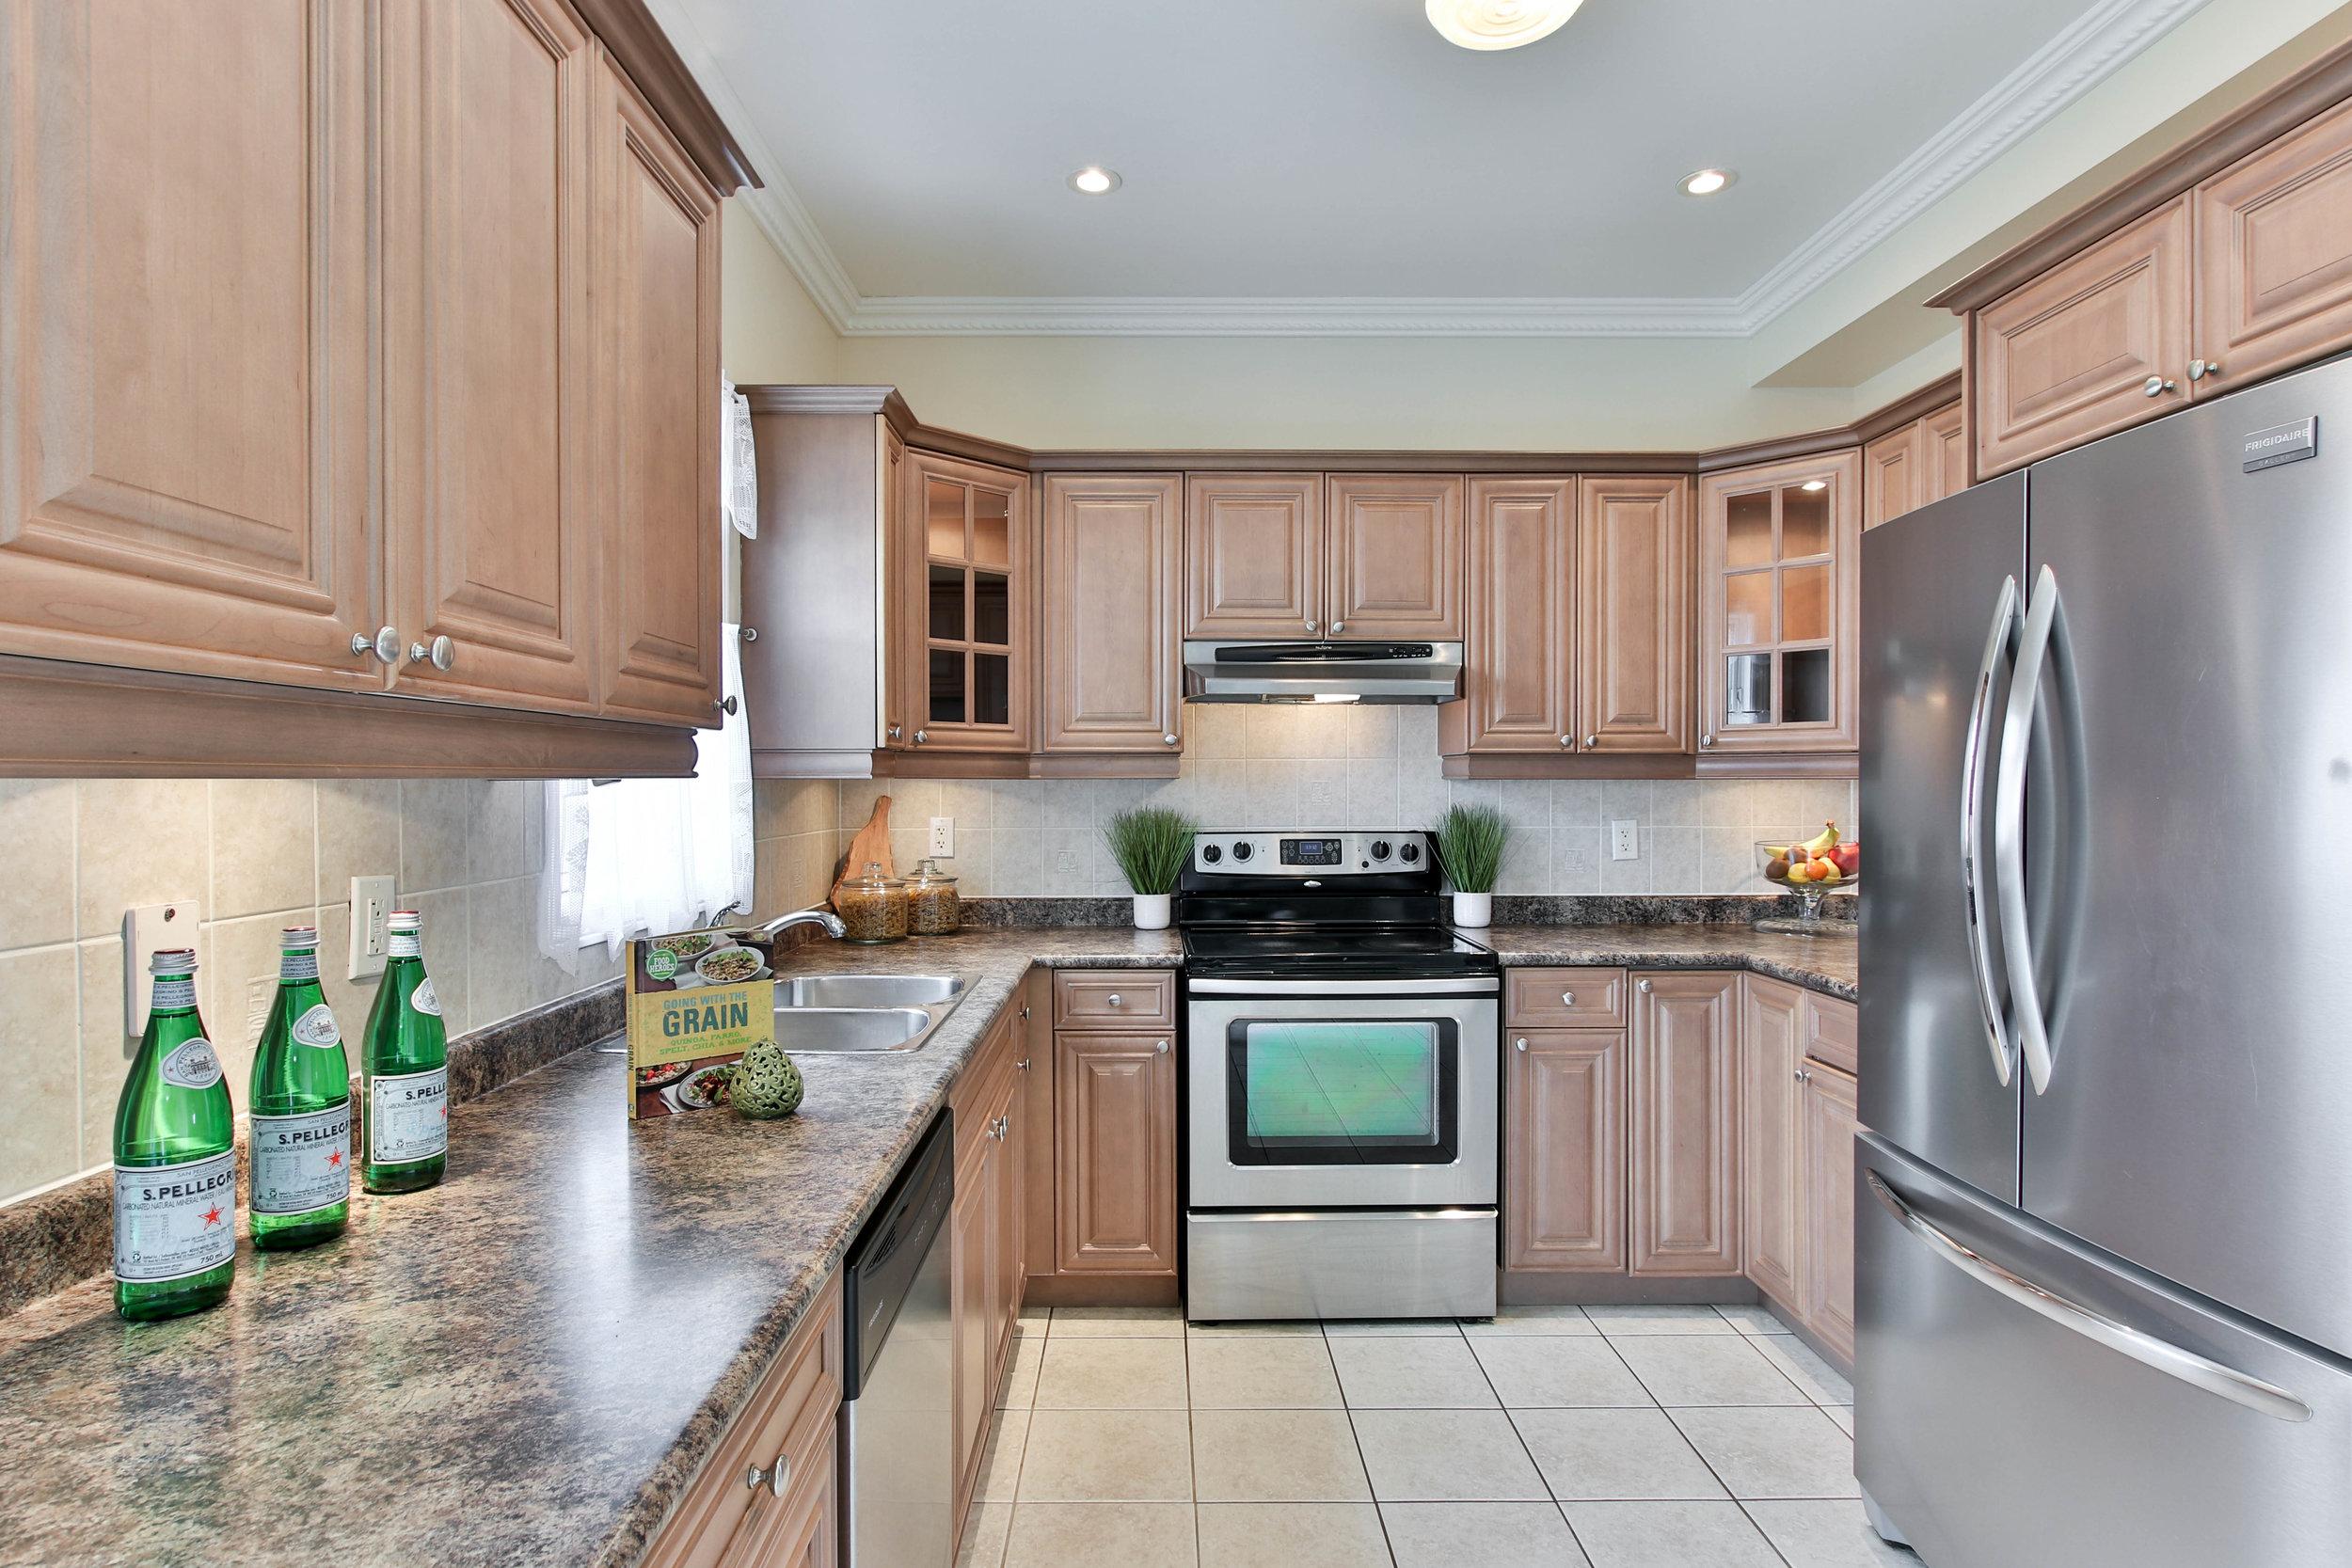 22_Kitchen (1 of 1).jpg